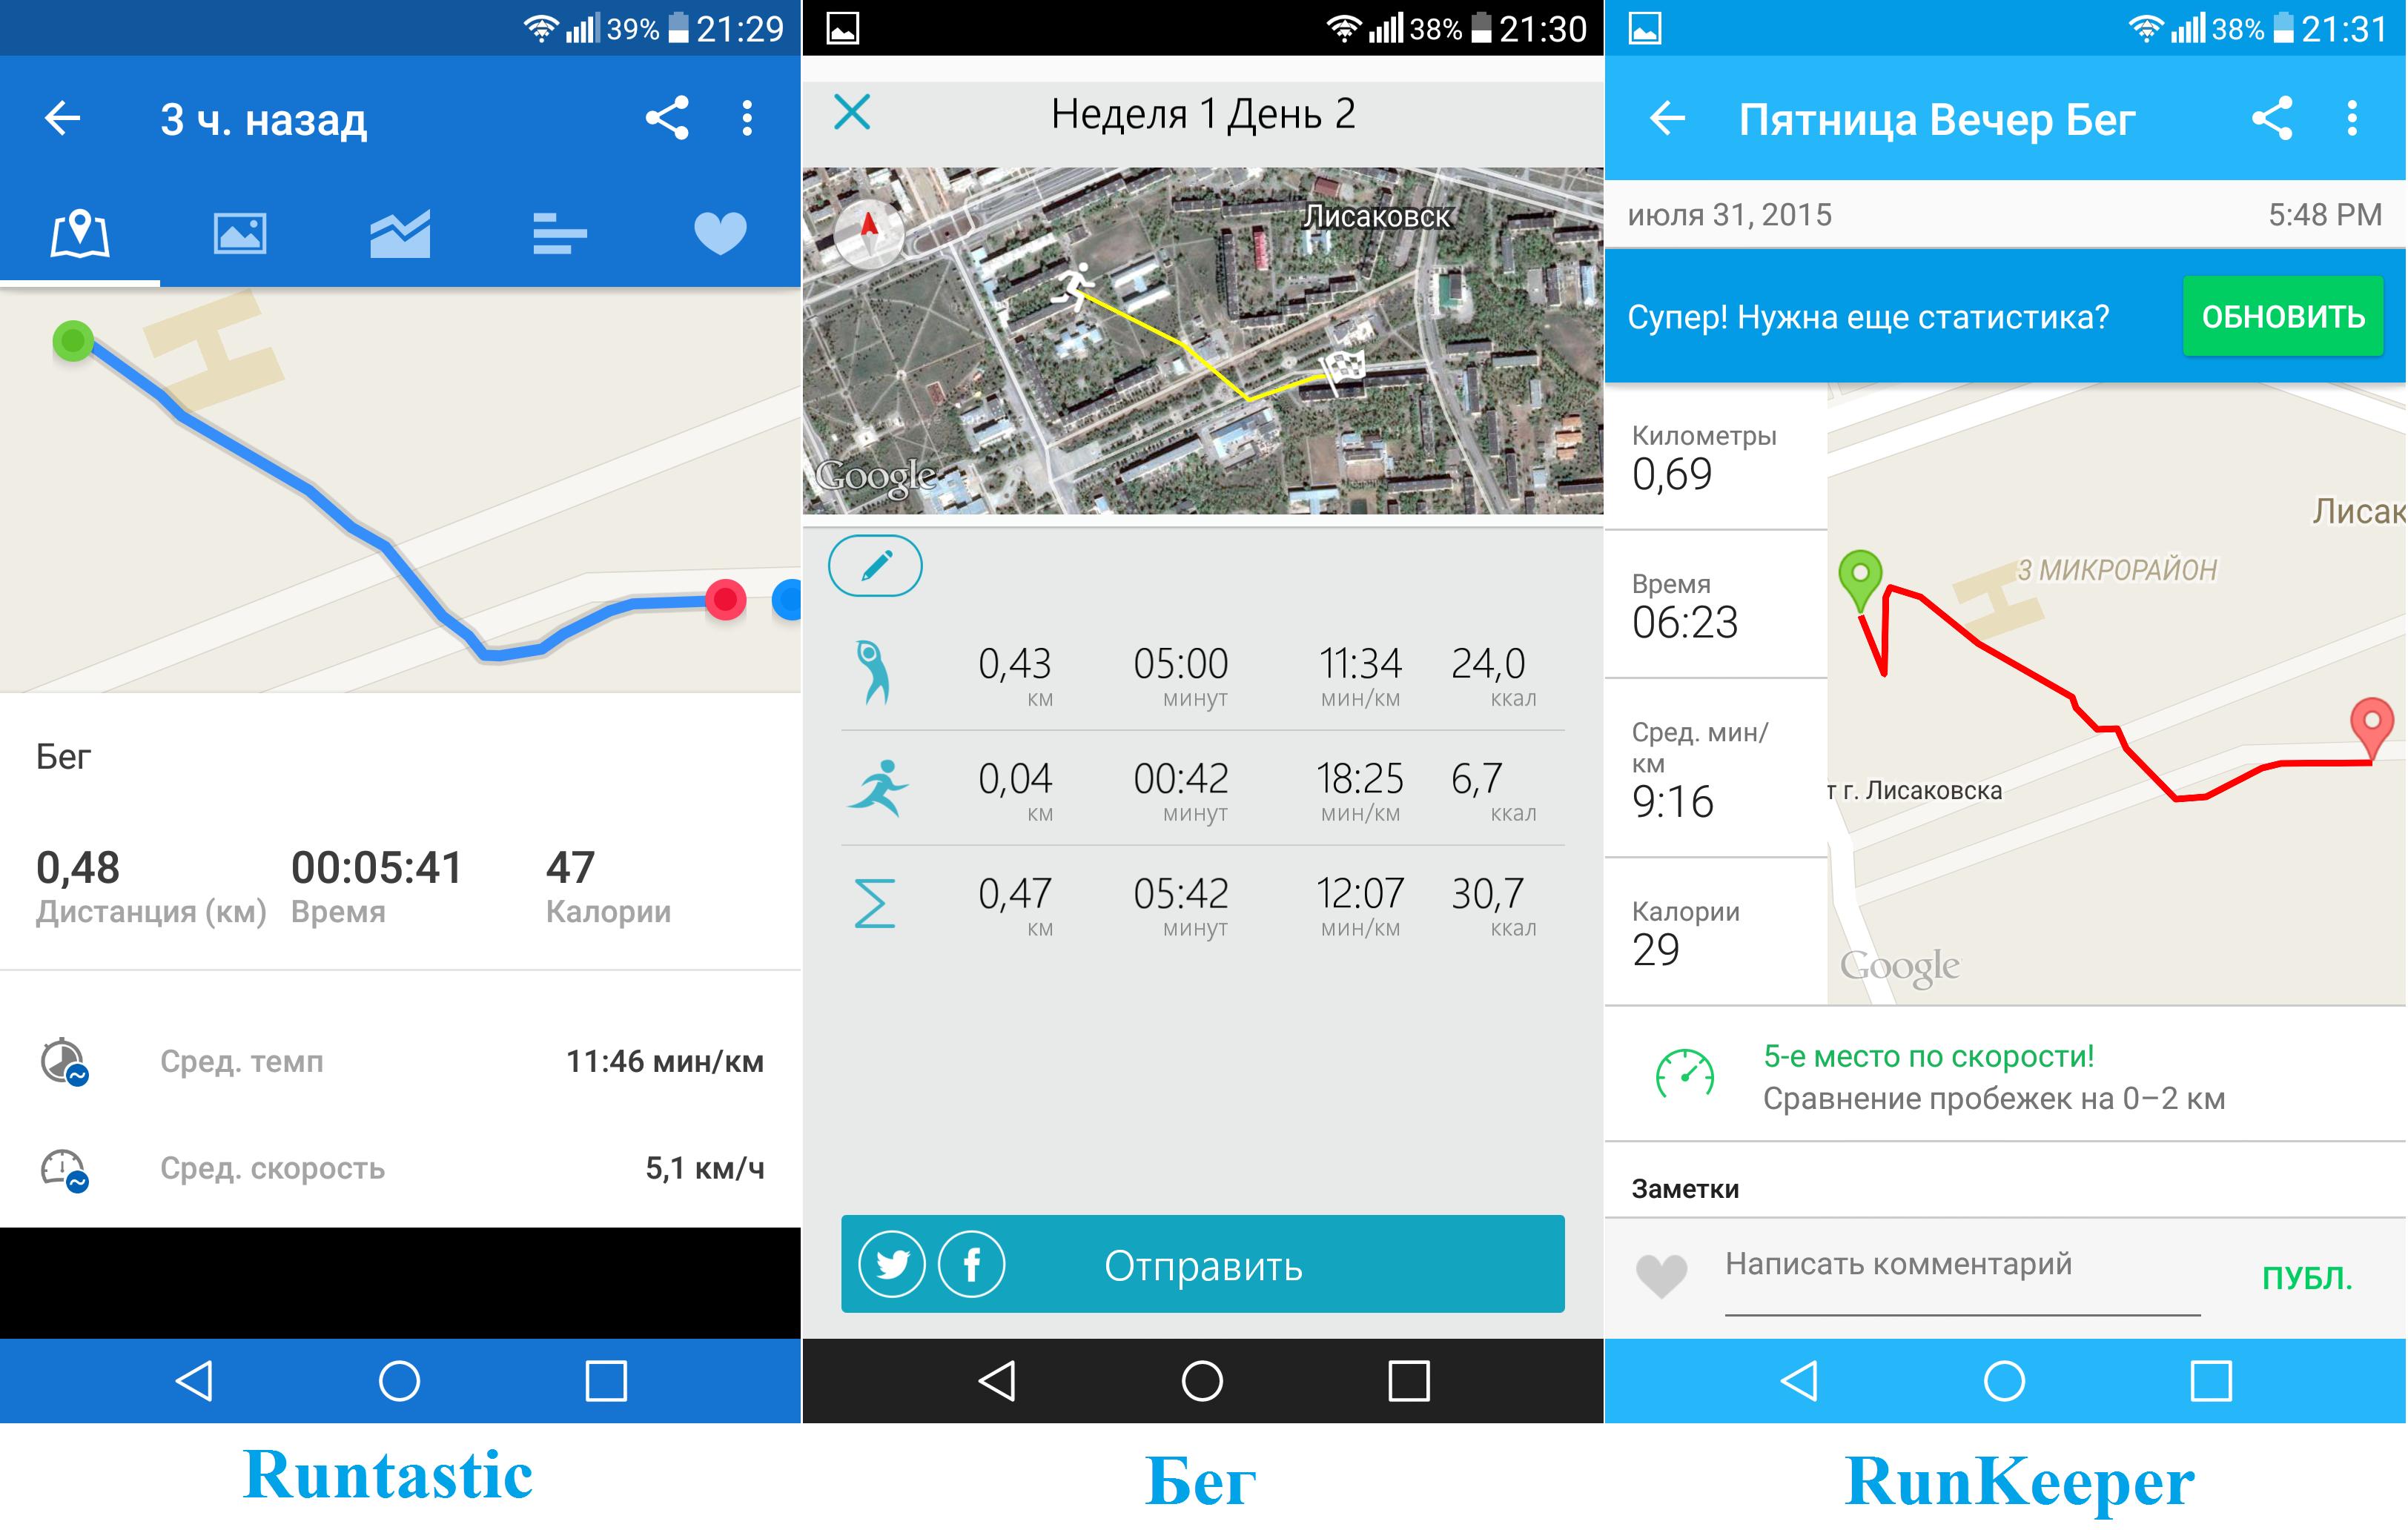 Приложения для андроида для бега